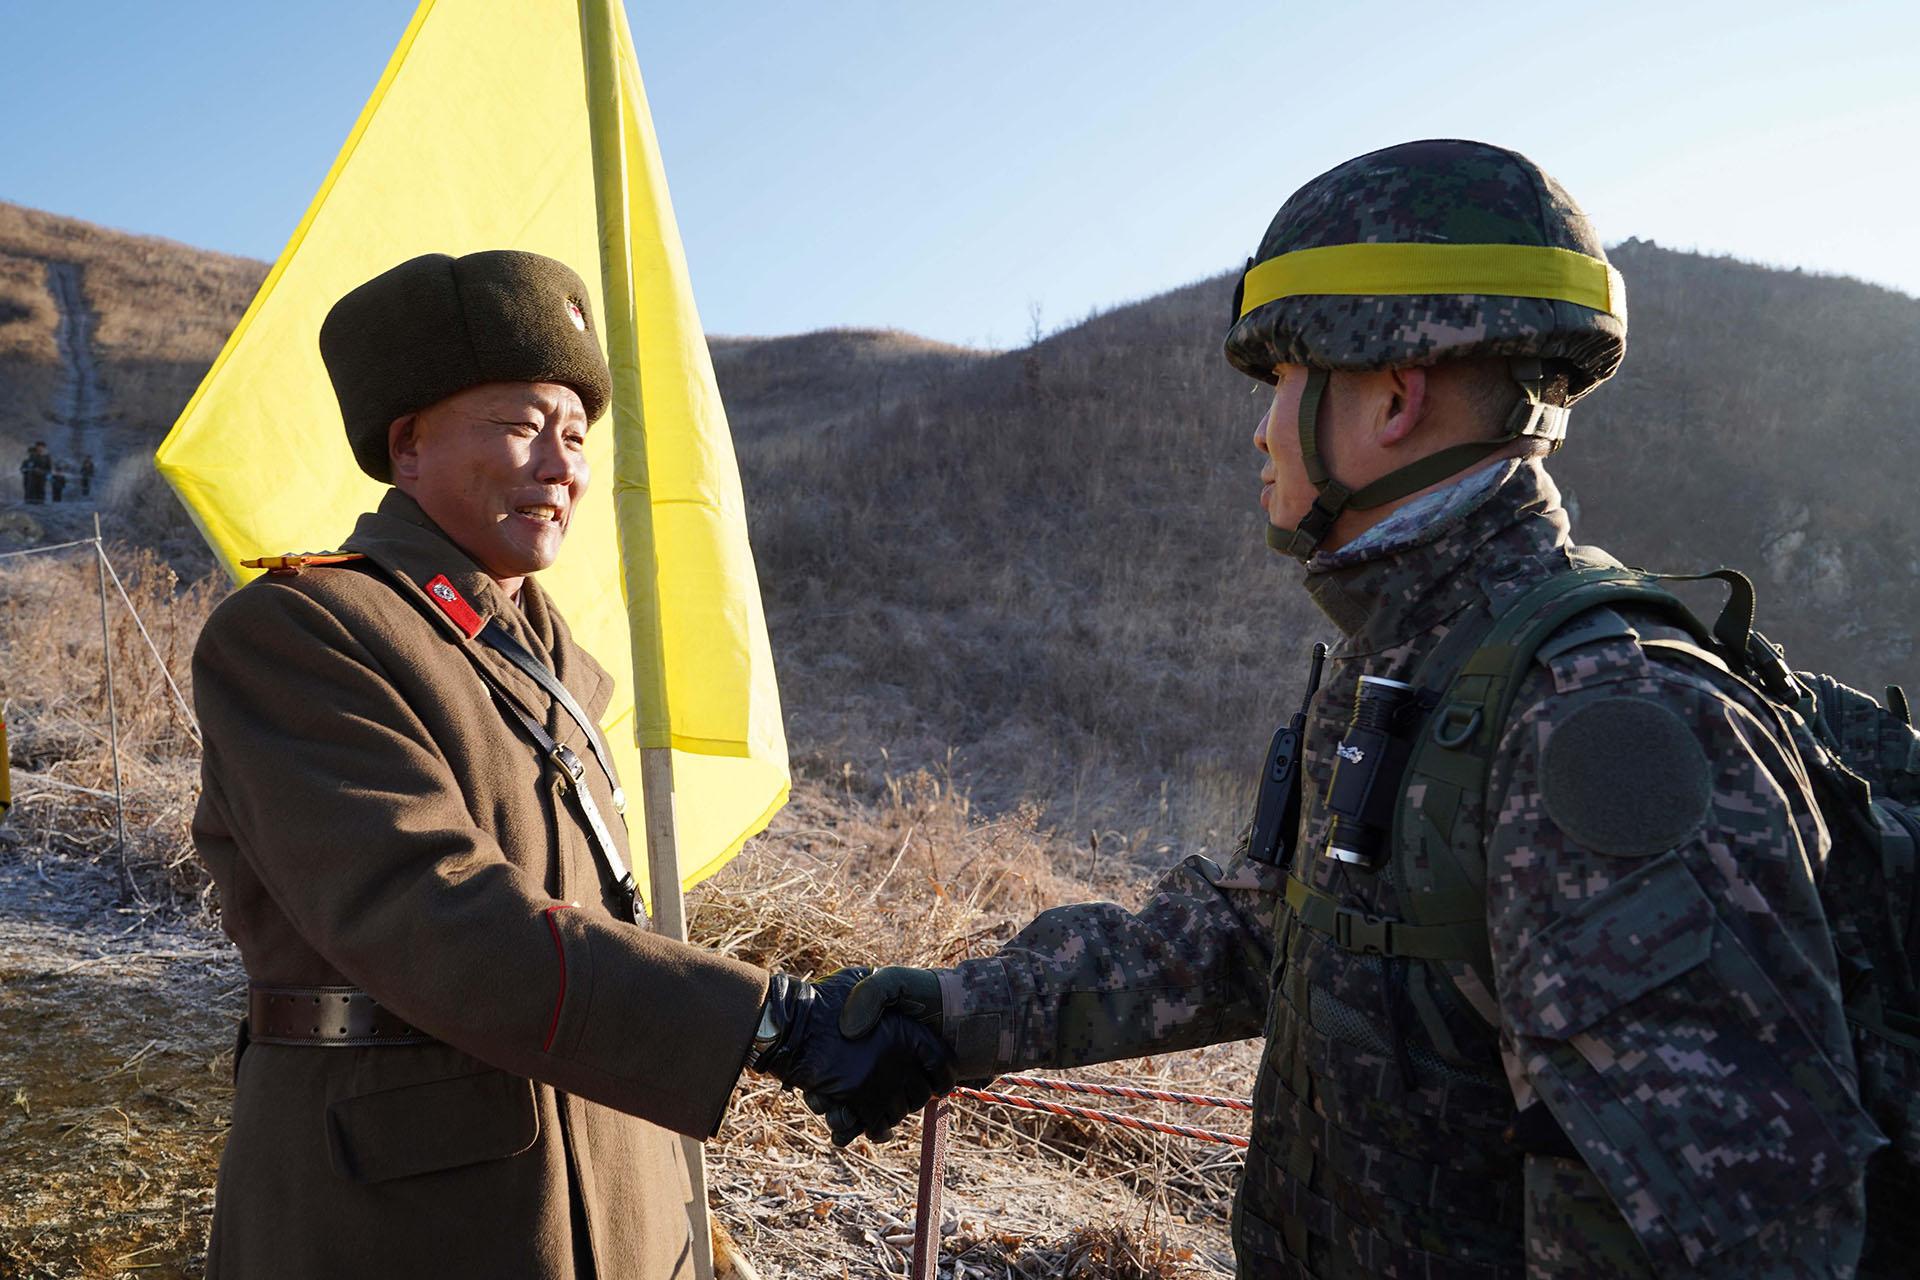 Soldado surcoreano (der.) estrechando la mano de un soldado norcoreano (izq.) antes de cruzar la Línea de Demarcación Militar para inspeccionar el puesto de guardia norcoreano desmantelado dentro de la zona desmilitarizada (DMZ) que divide las dos Coreas en Cheorwon. (AFP)